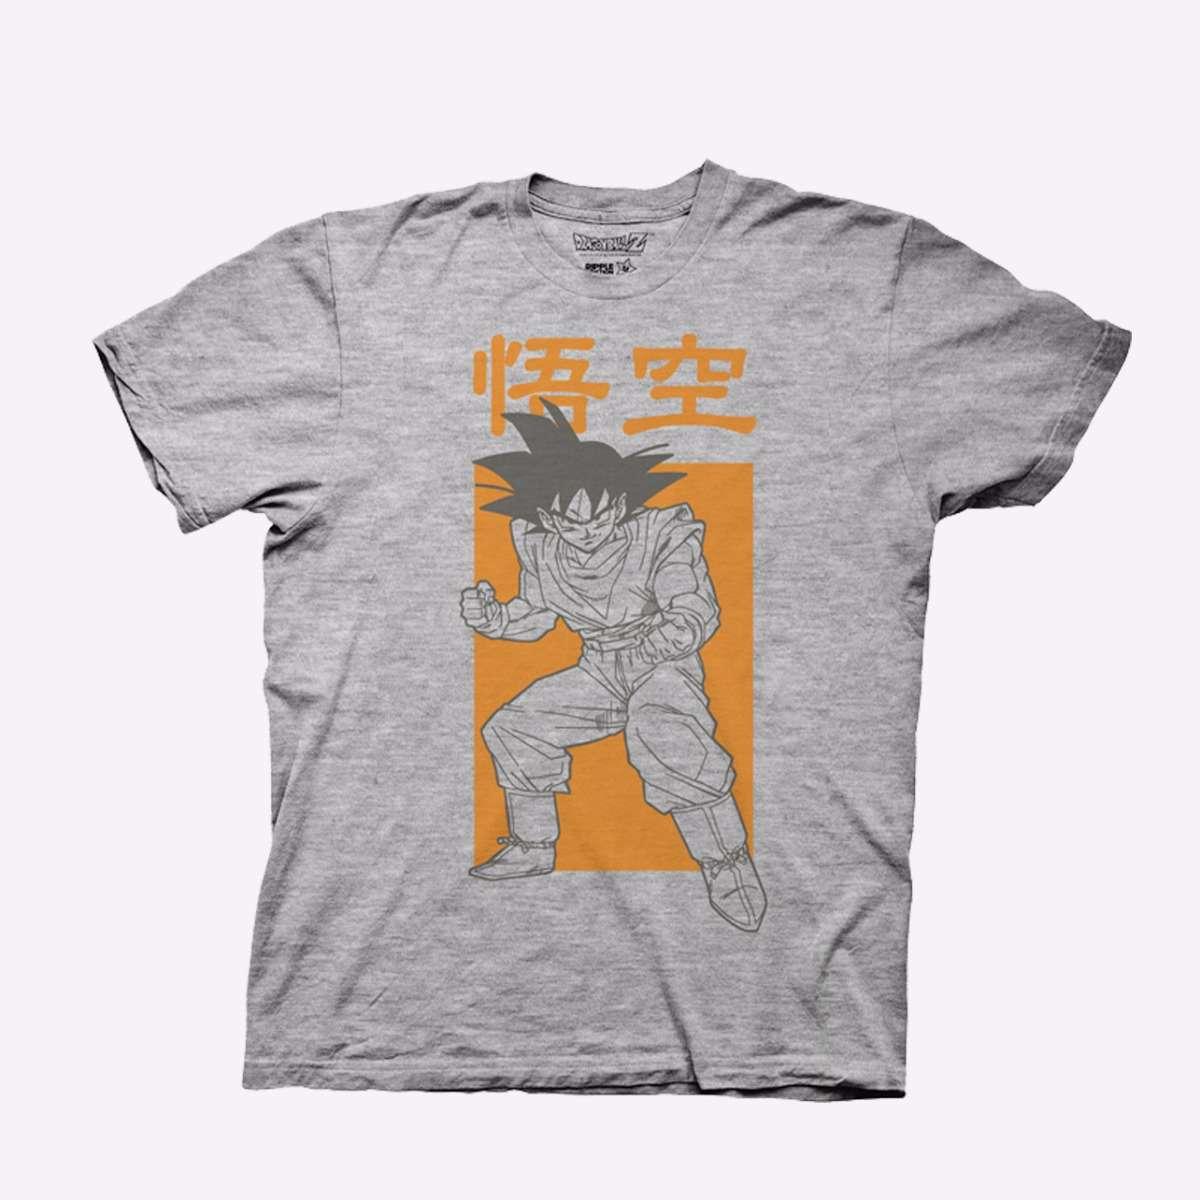 Goku T-shirt apparel